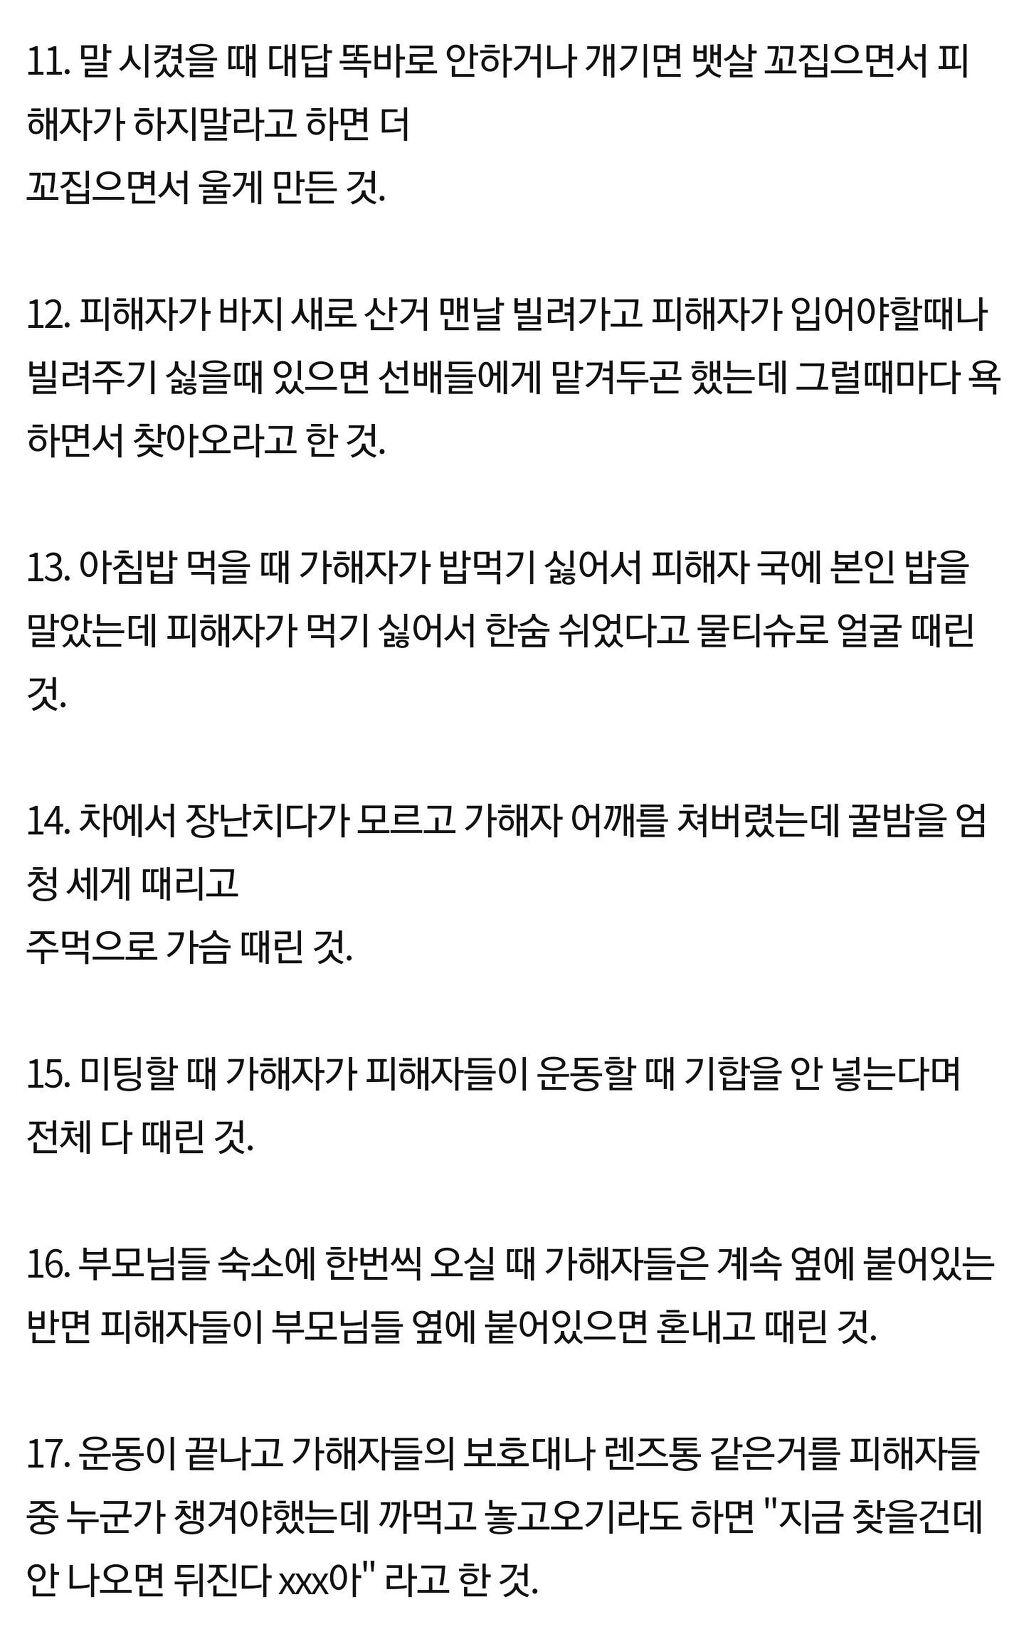 쌍둥이 여자배구 선수 이재영, 다영 학교폭력 피해자 글 - 꾸르